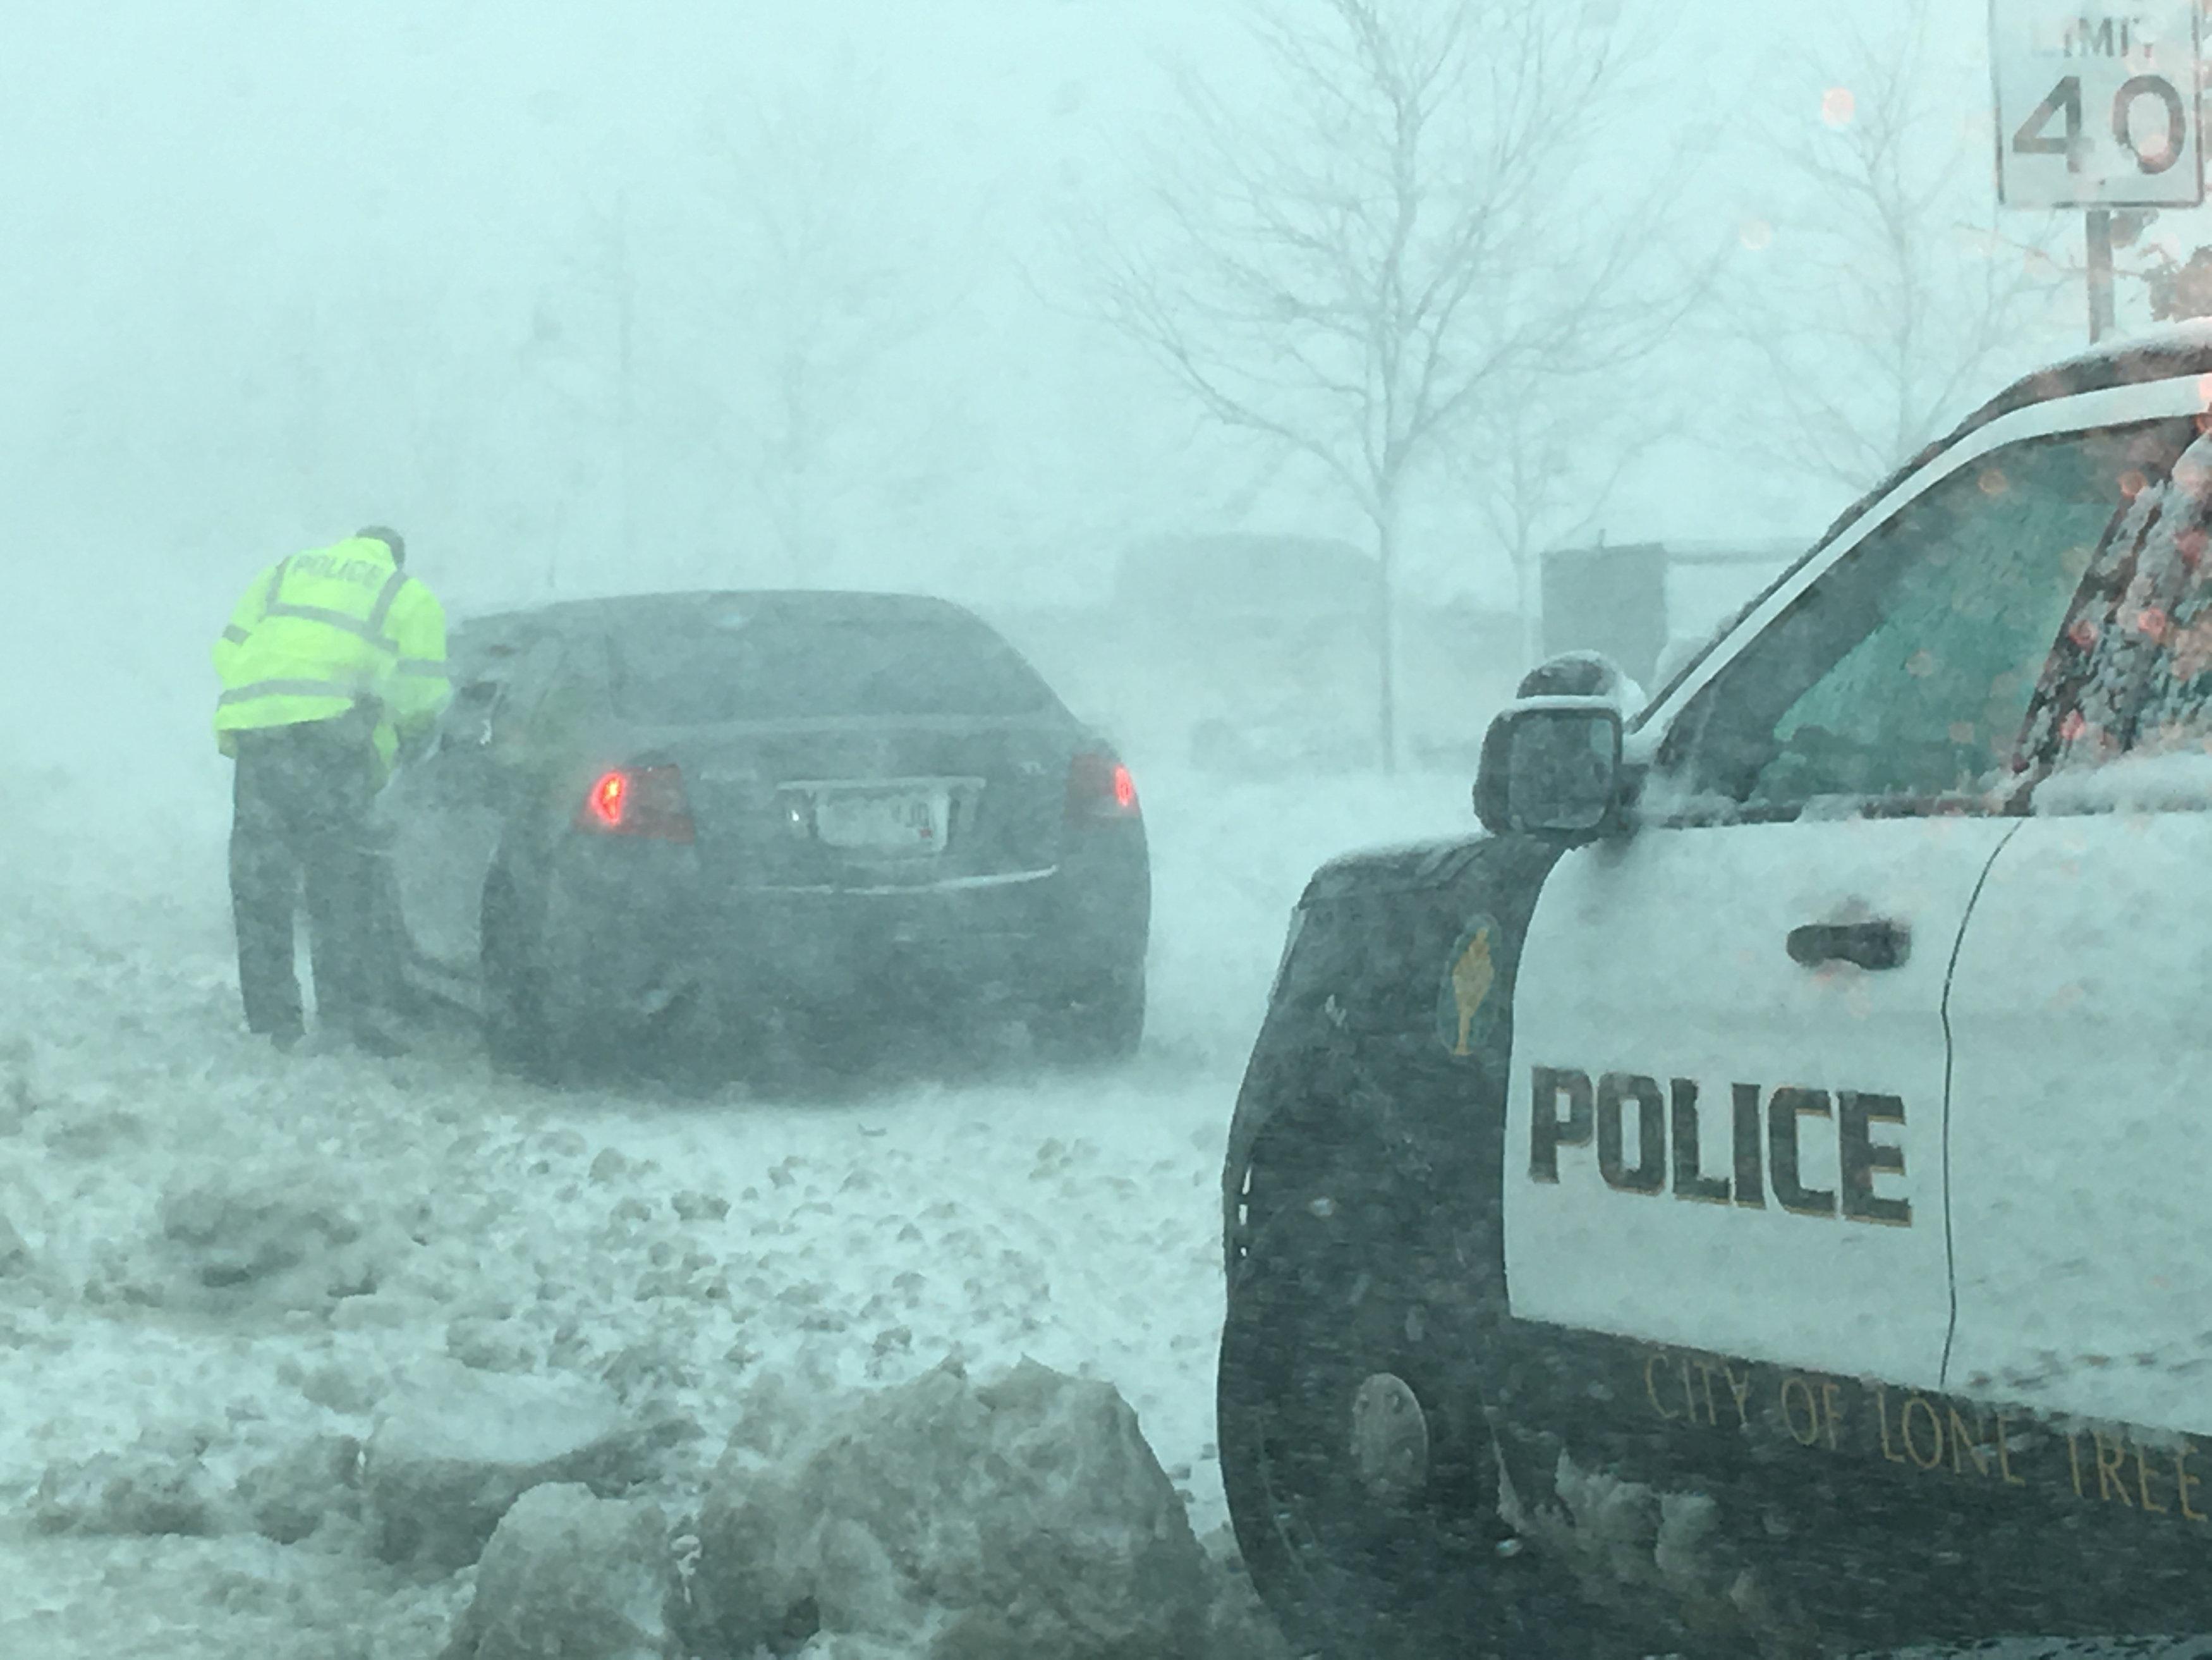 Un agente de la policía conversa con un conductor atascado en una vía de Lone Tree, Colorado.